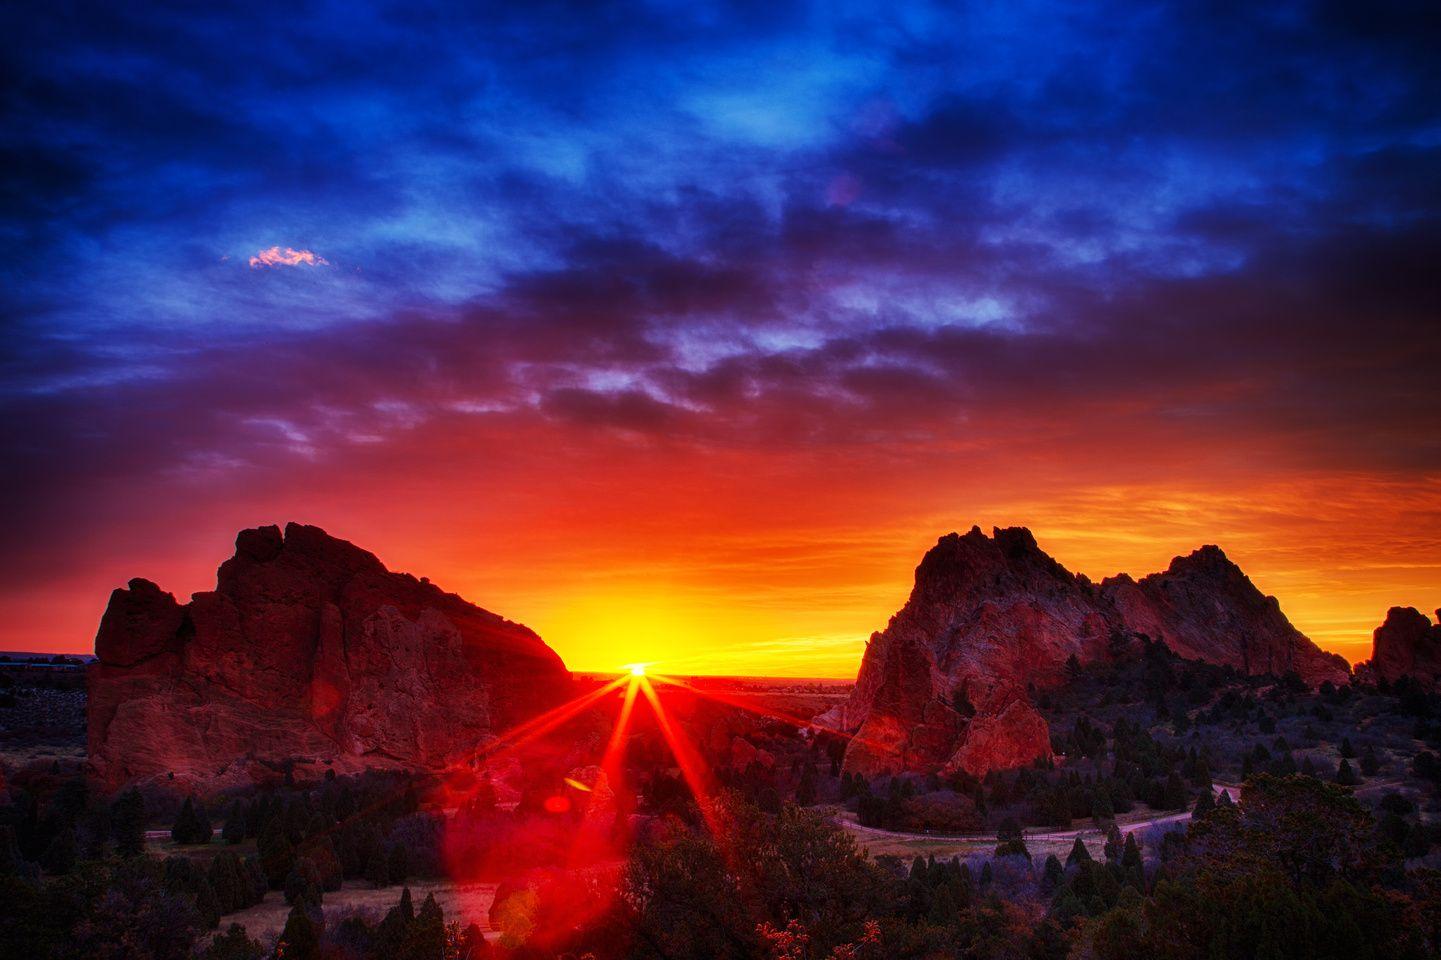 Sunrise at Garden of the Gods Sunrise, Beautiful sunset